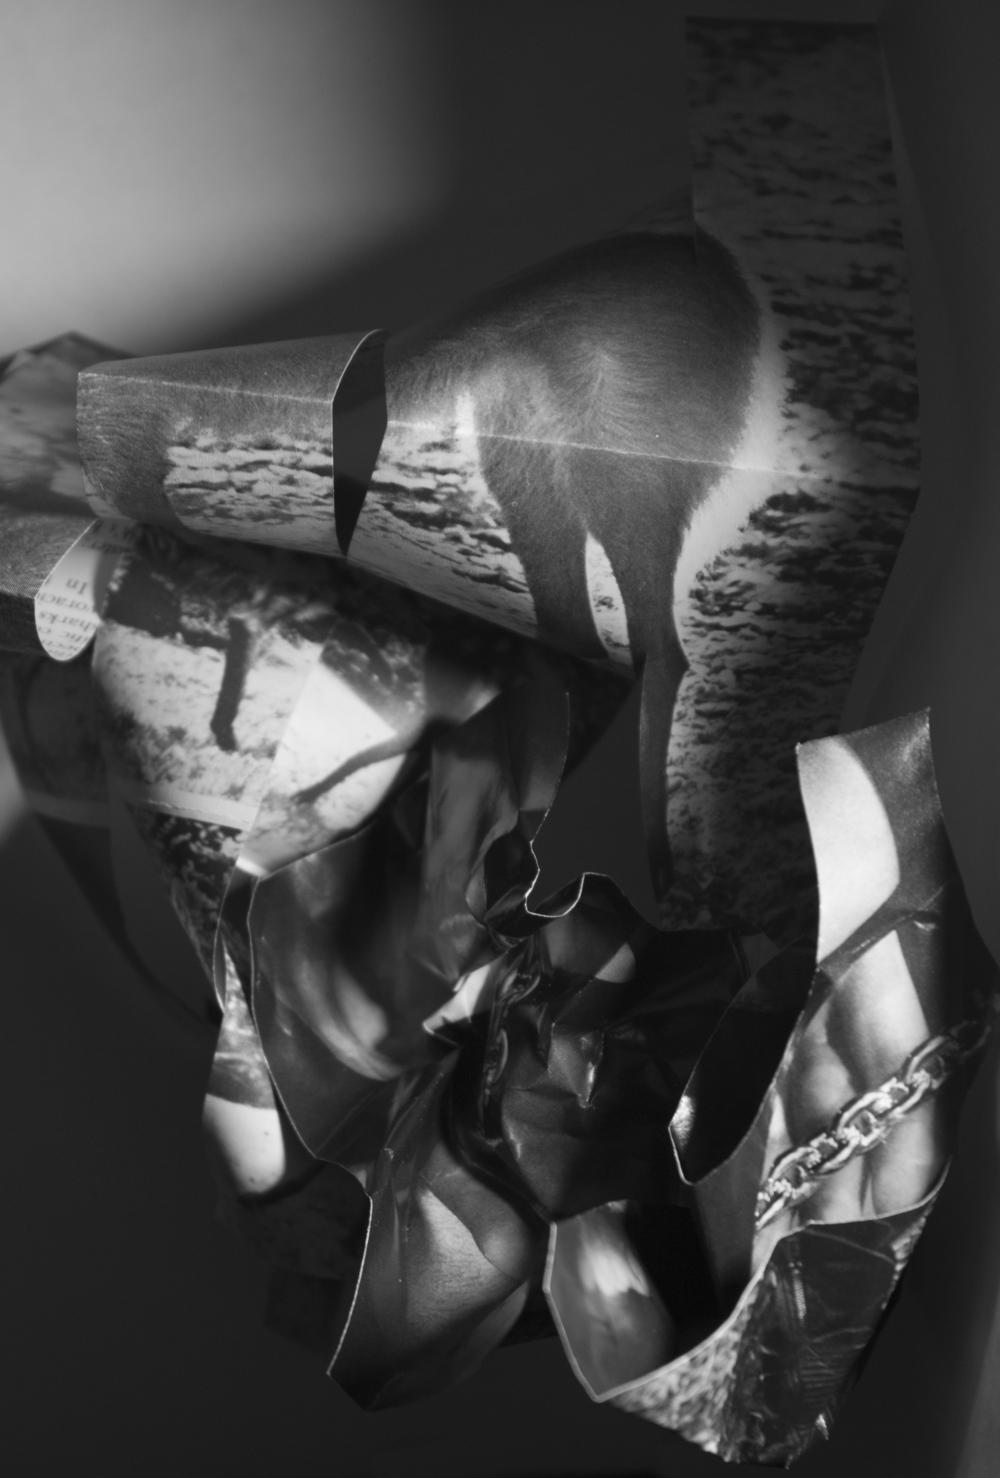 Castor Fiber, Avicularia, Typhlops (2014) | Danielle Rosen